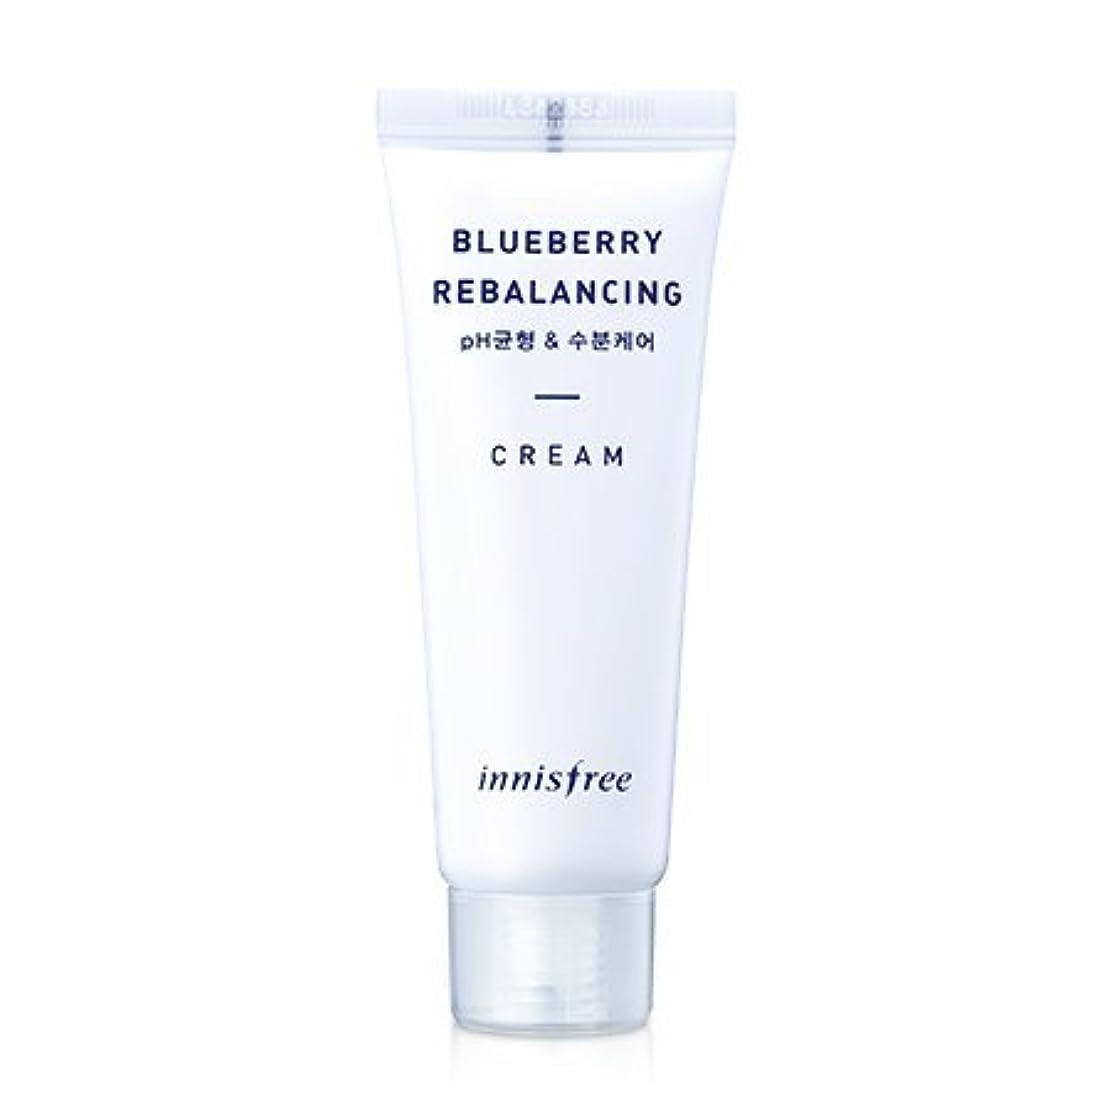 栄養件名文[innisfree(イニスフリー)] Super food_ Blueberry rebalancing cream (50ml) スーパーフード_ブルーベリーリベルロンシンクリーム[並行輸入品][海外直送品]